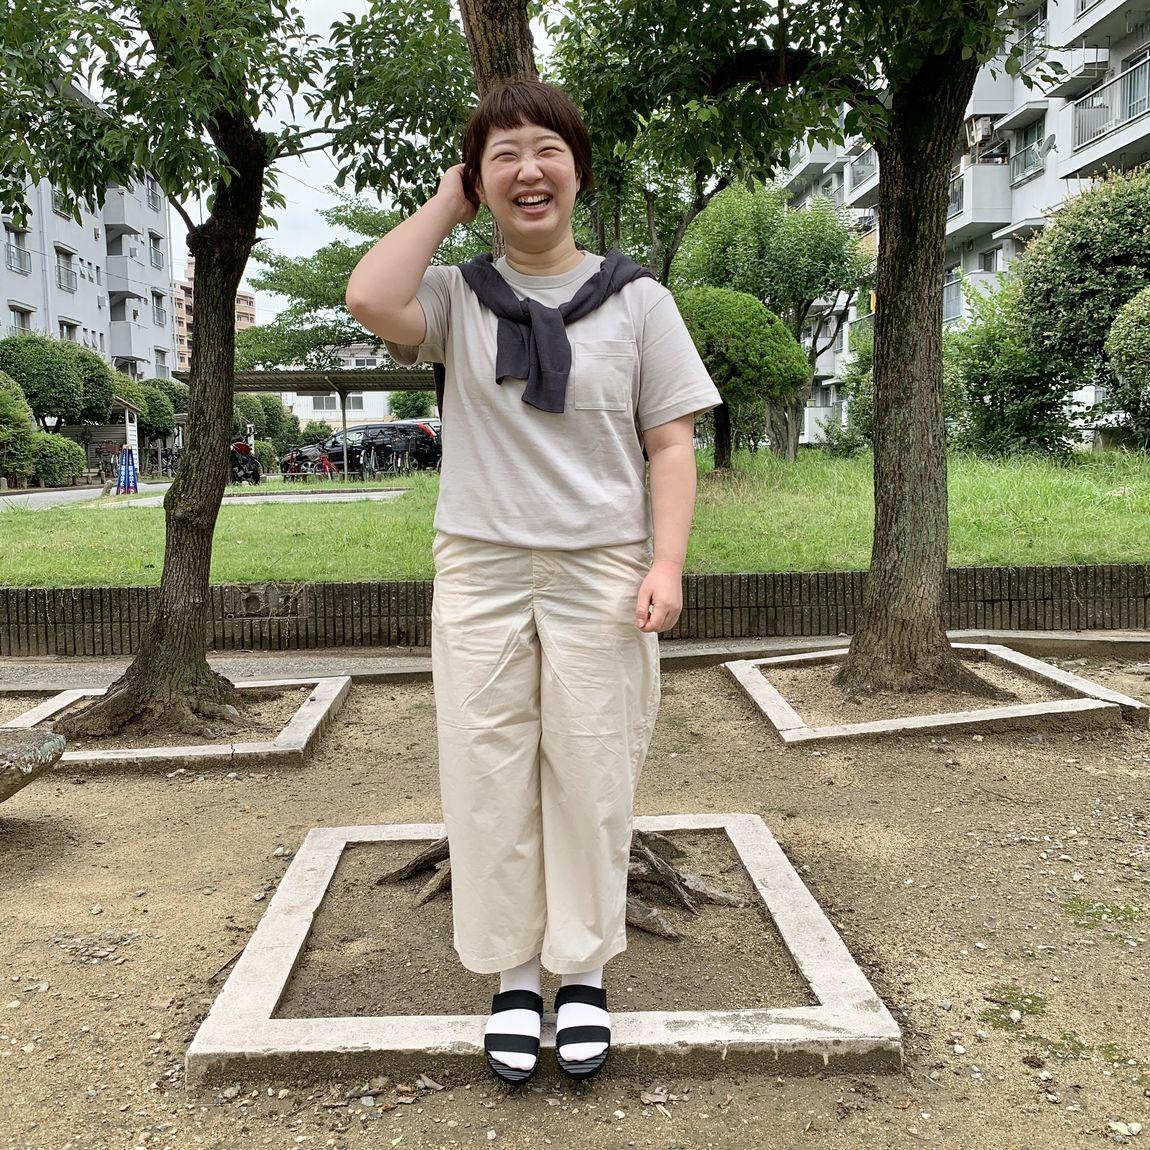 【イオンモール堺北花田】夏だ、Tシャツが着たい。|スタイリングアドバイザー